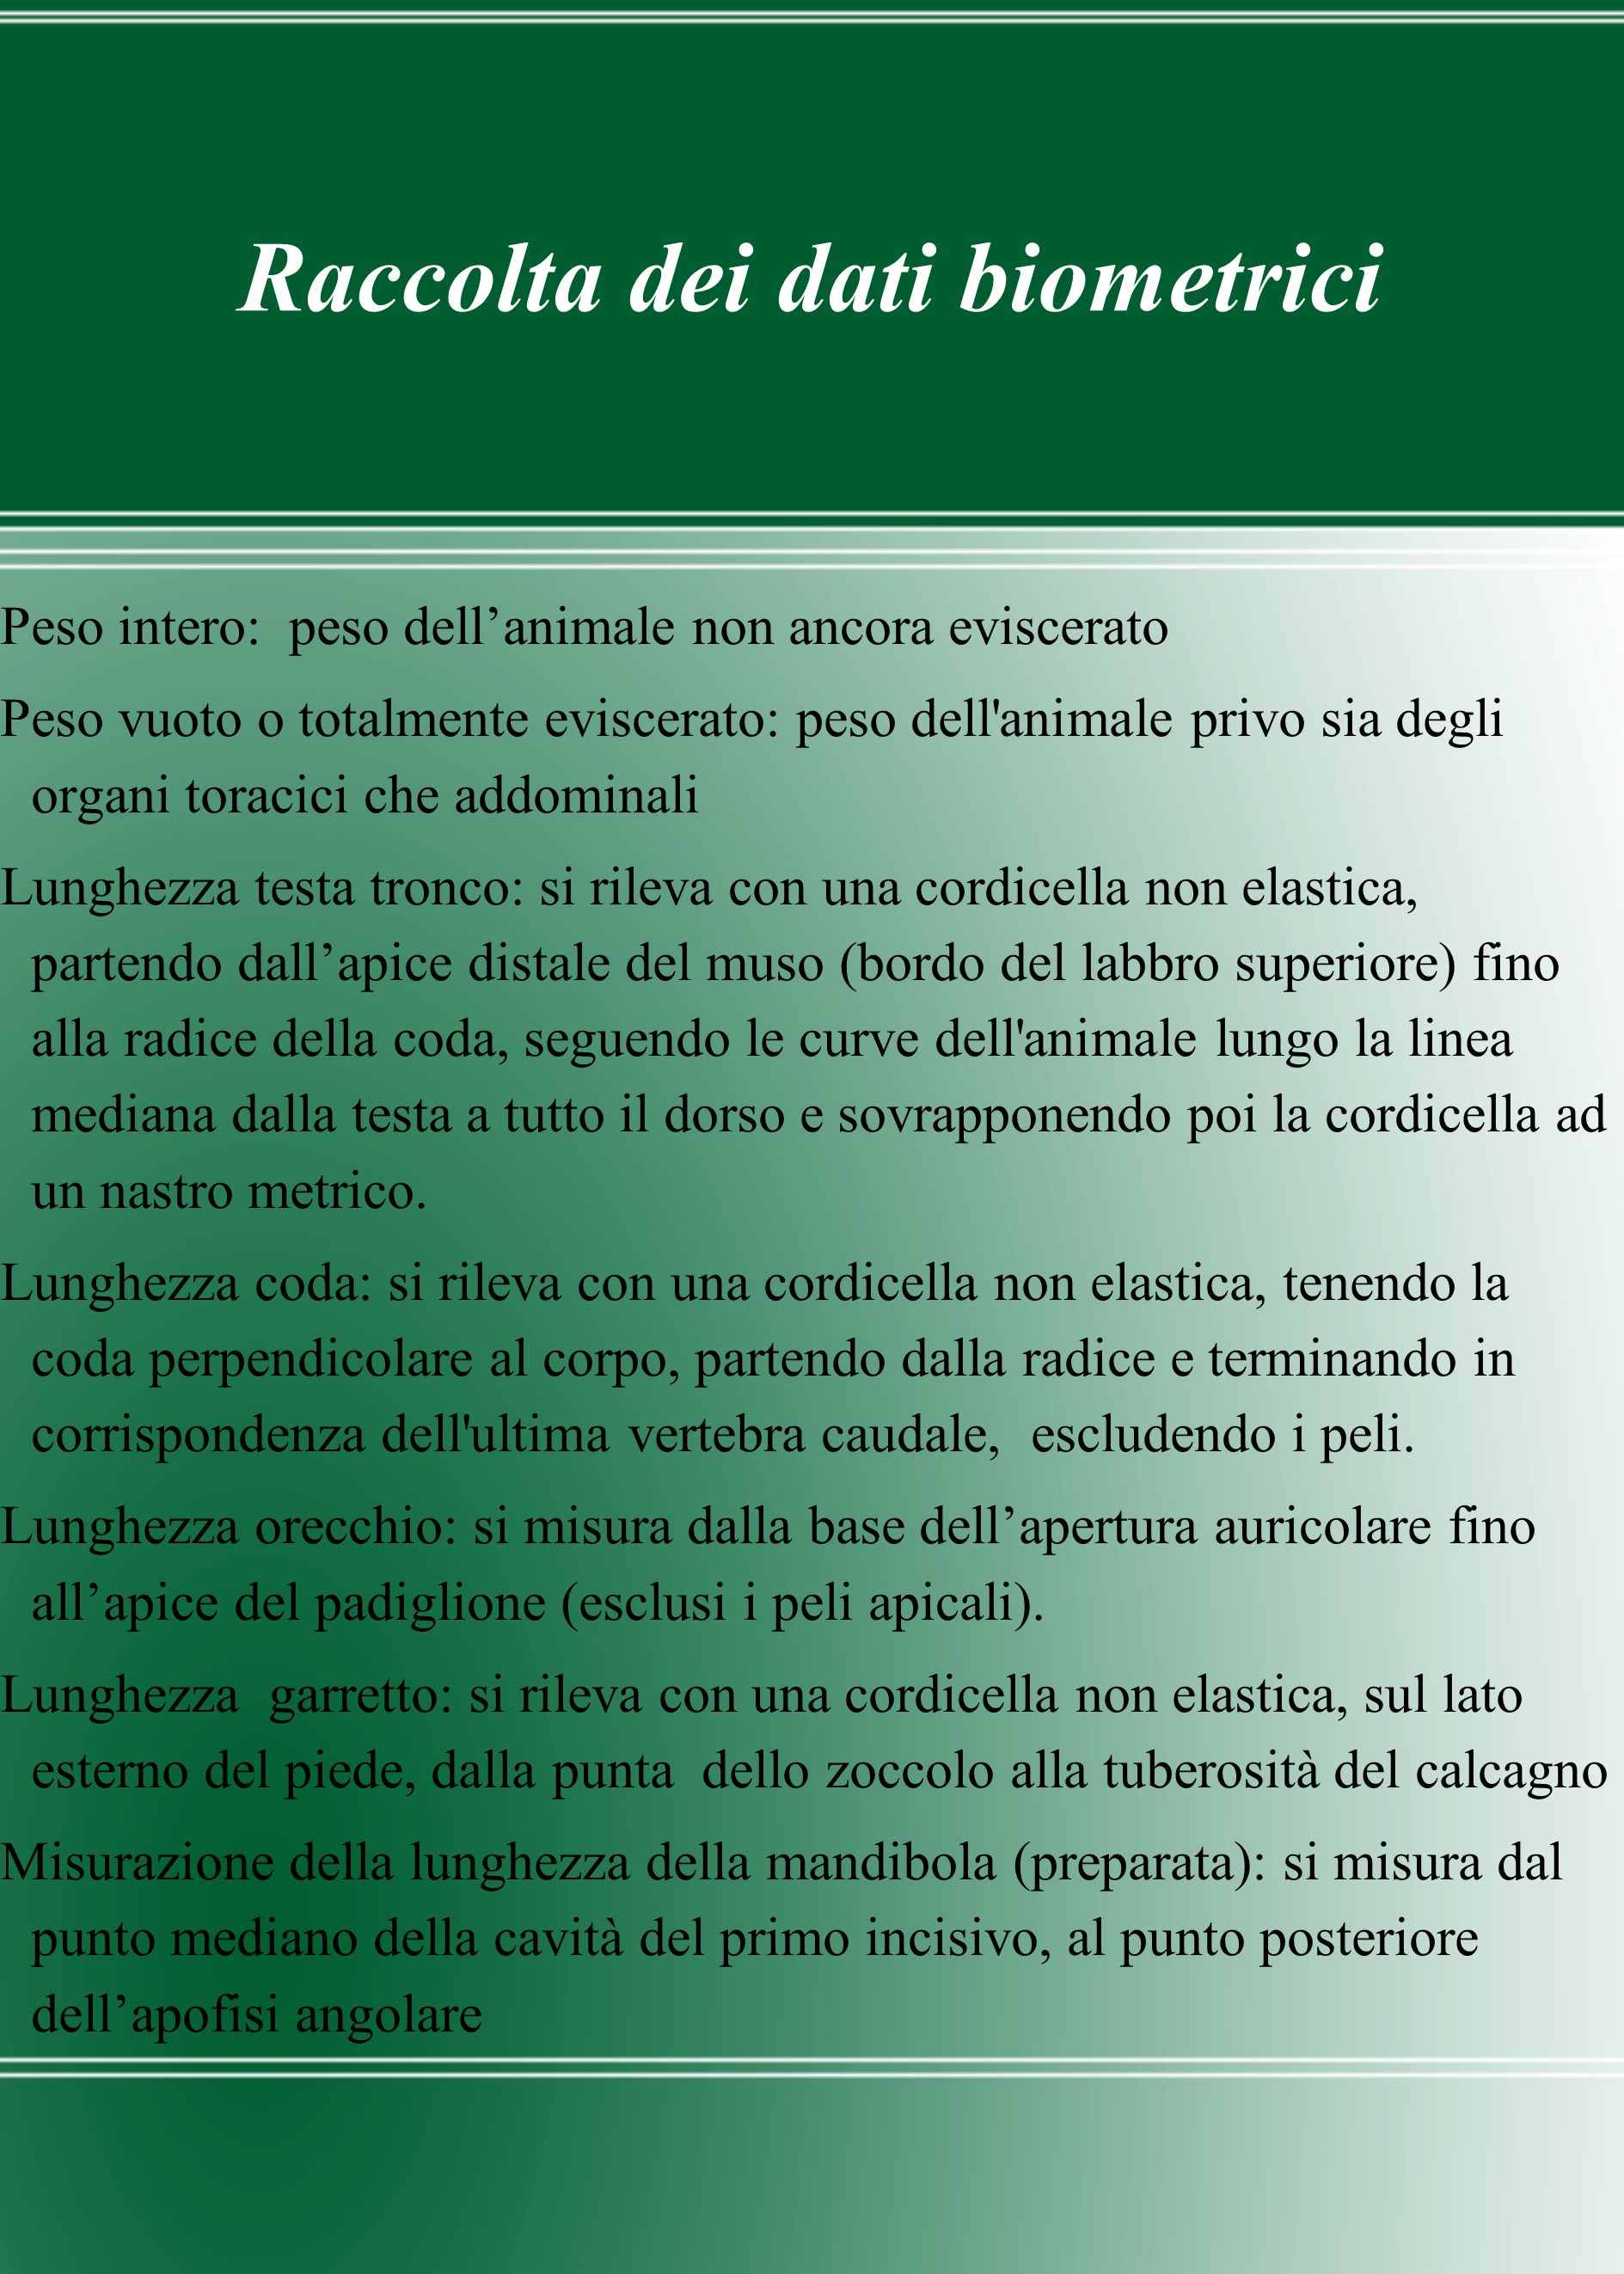 Raccolta dei dati biometrici Peso intero: peso dellanimale non ancora eviscerato Peso vuoto o totalmente eviscerato: peso dell'animale privo sia degli